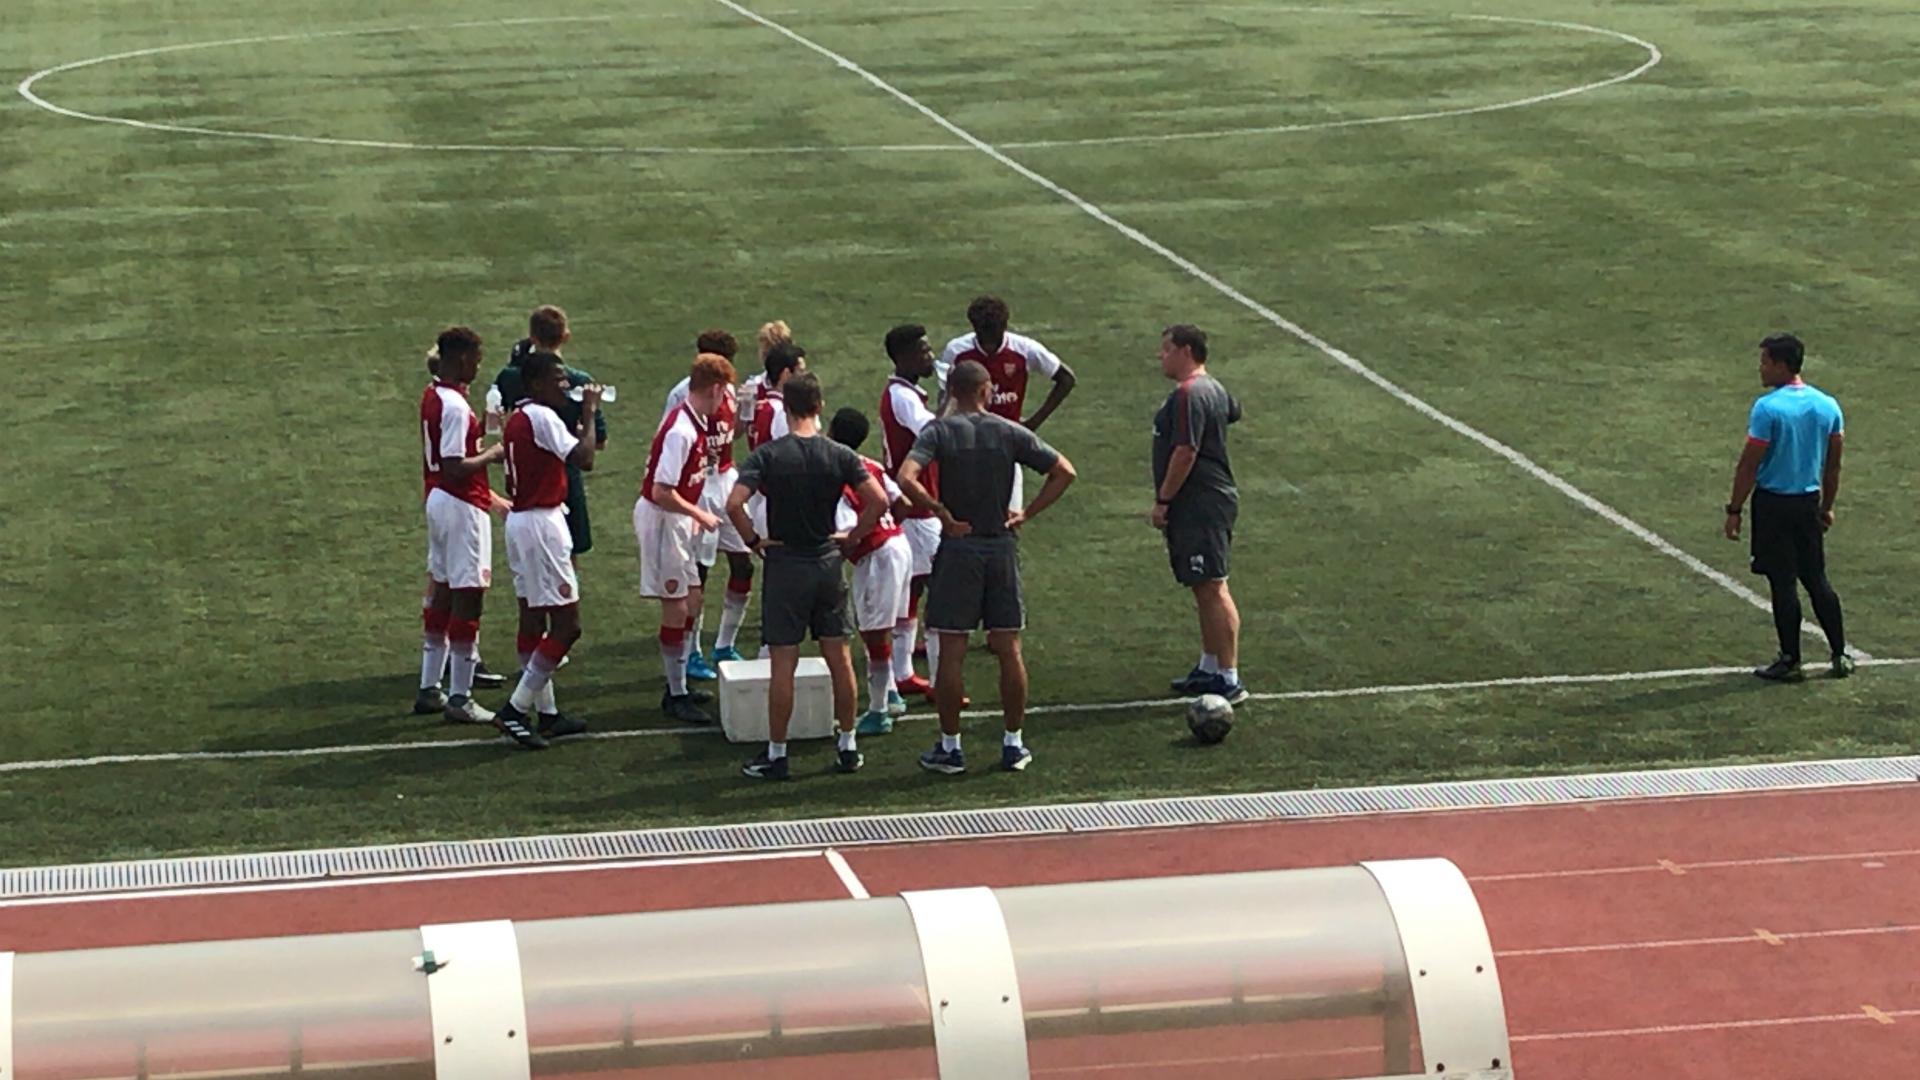 Arsenal U15s in Kuala Lumpur